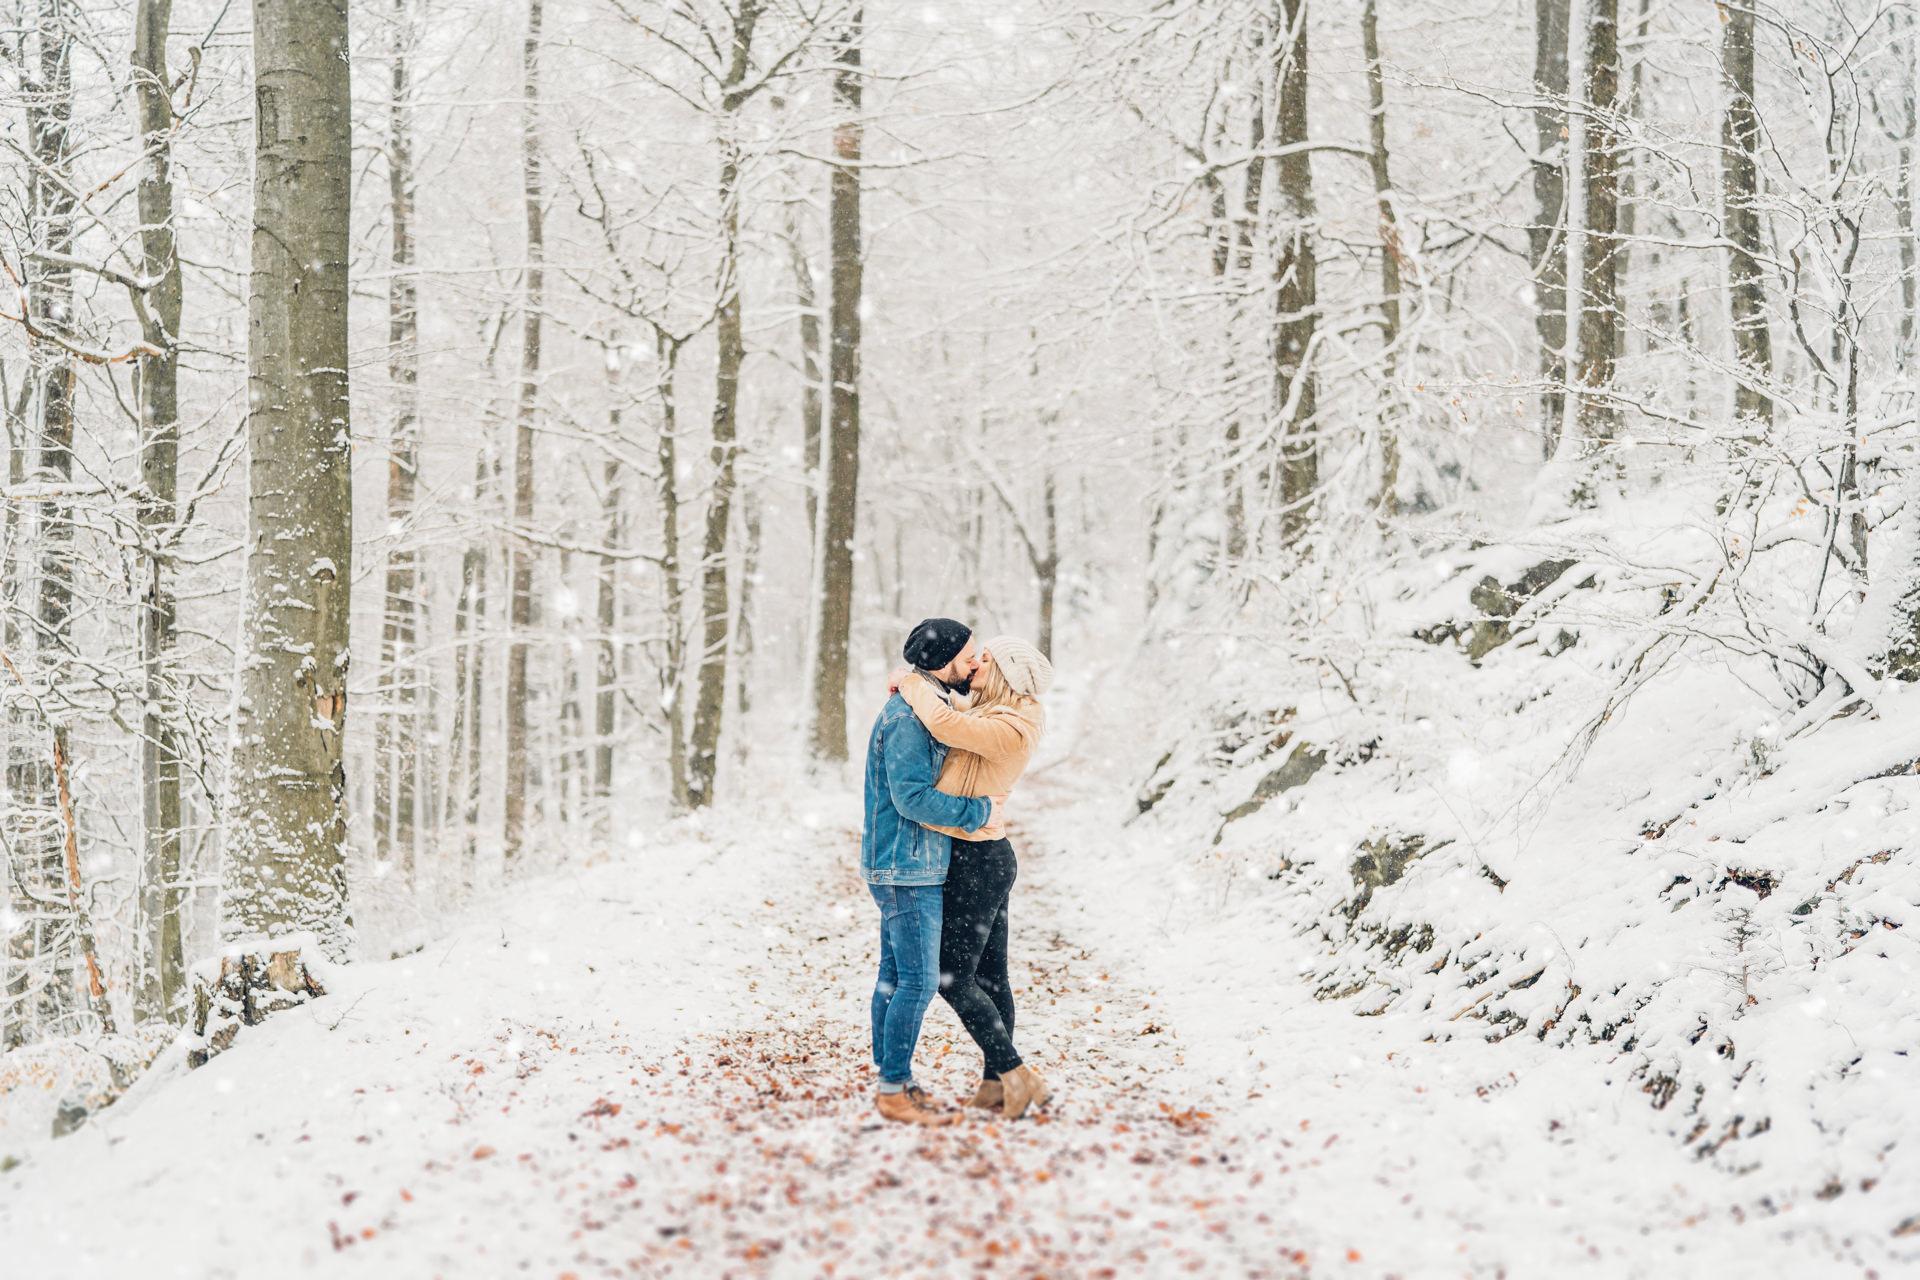 Wintershooting im Schnee Paarfotos